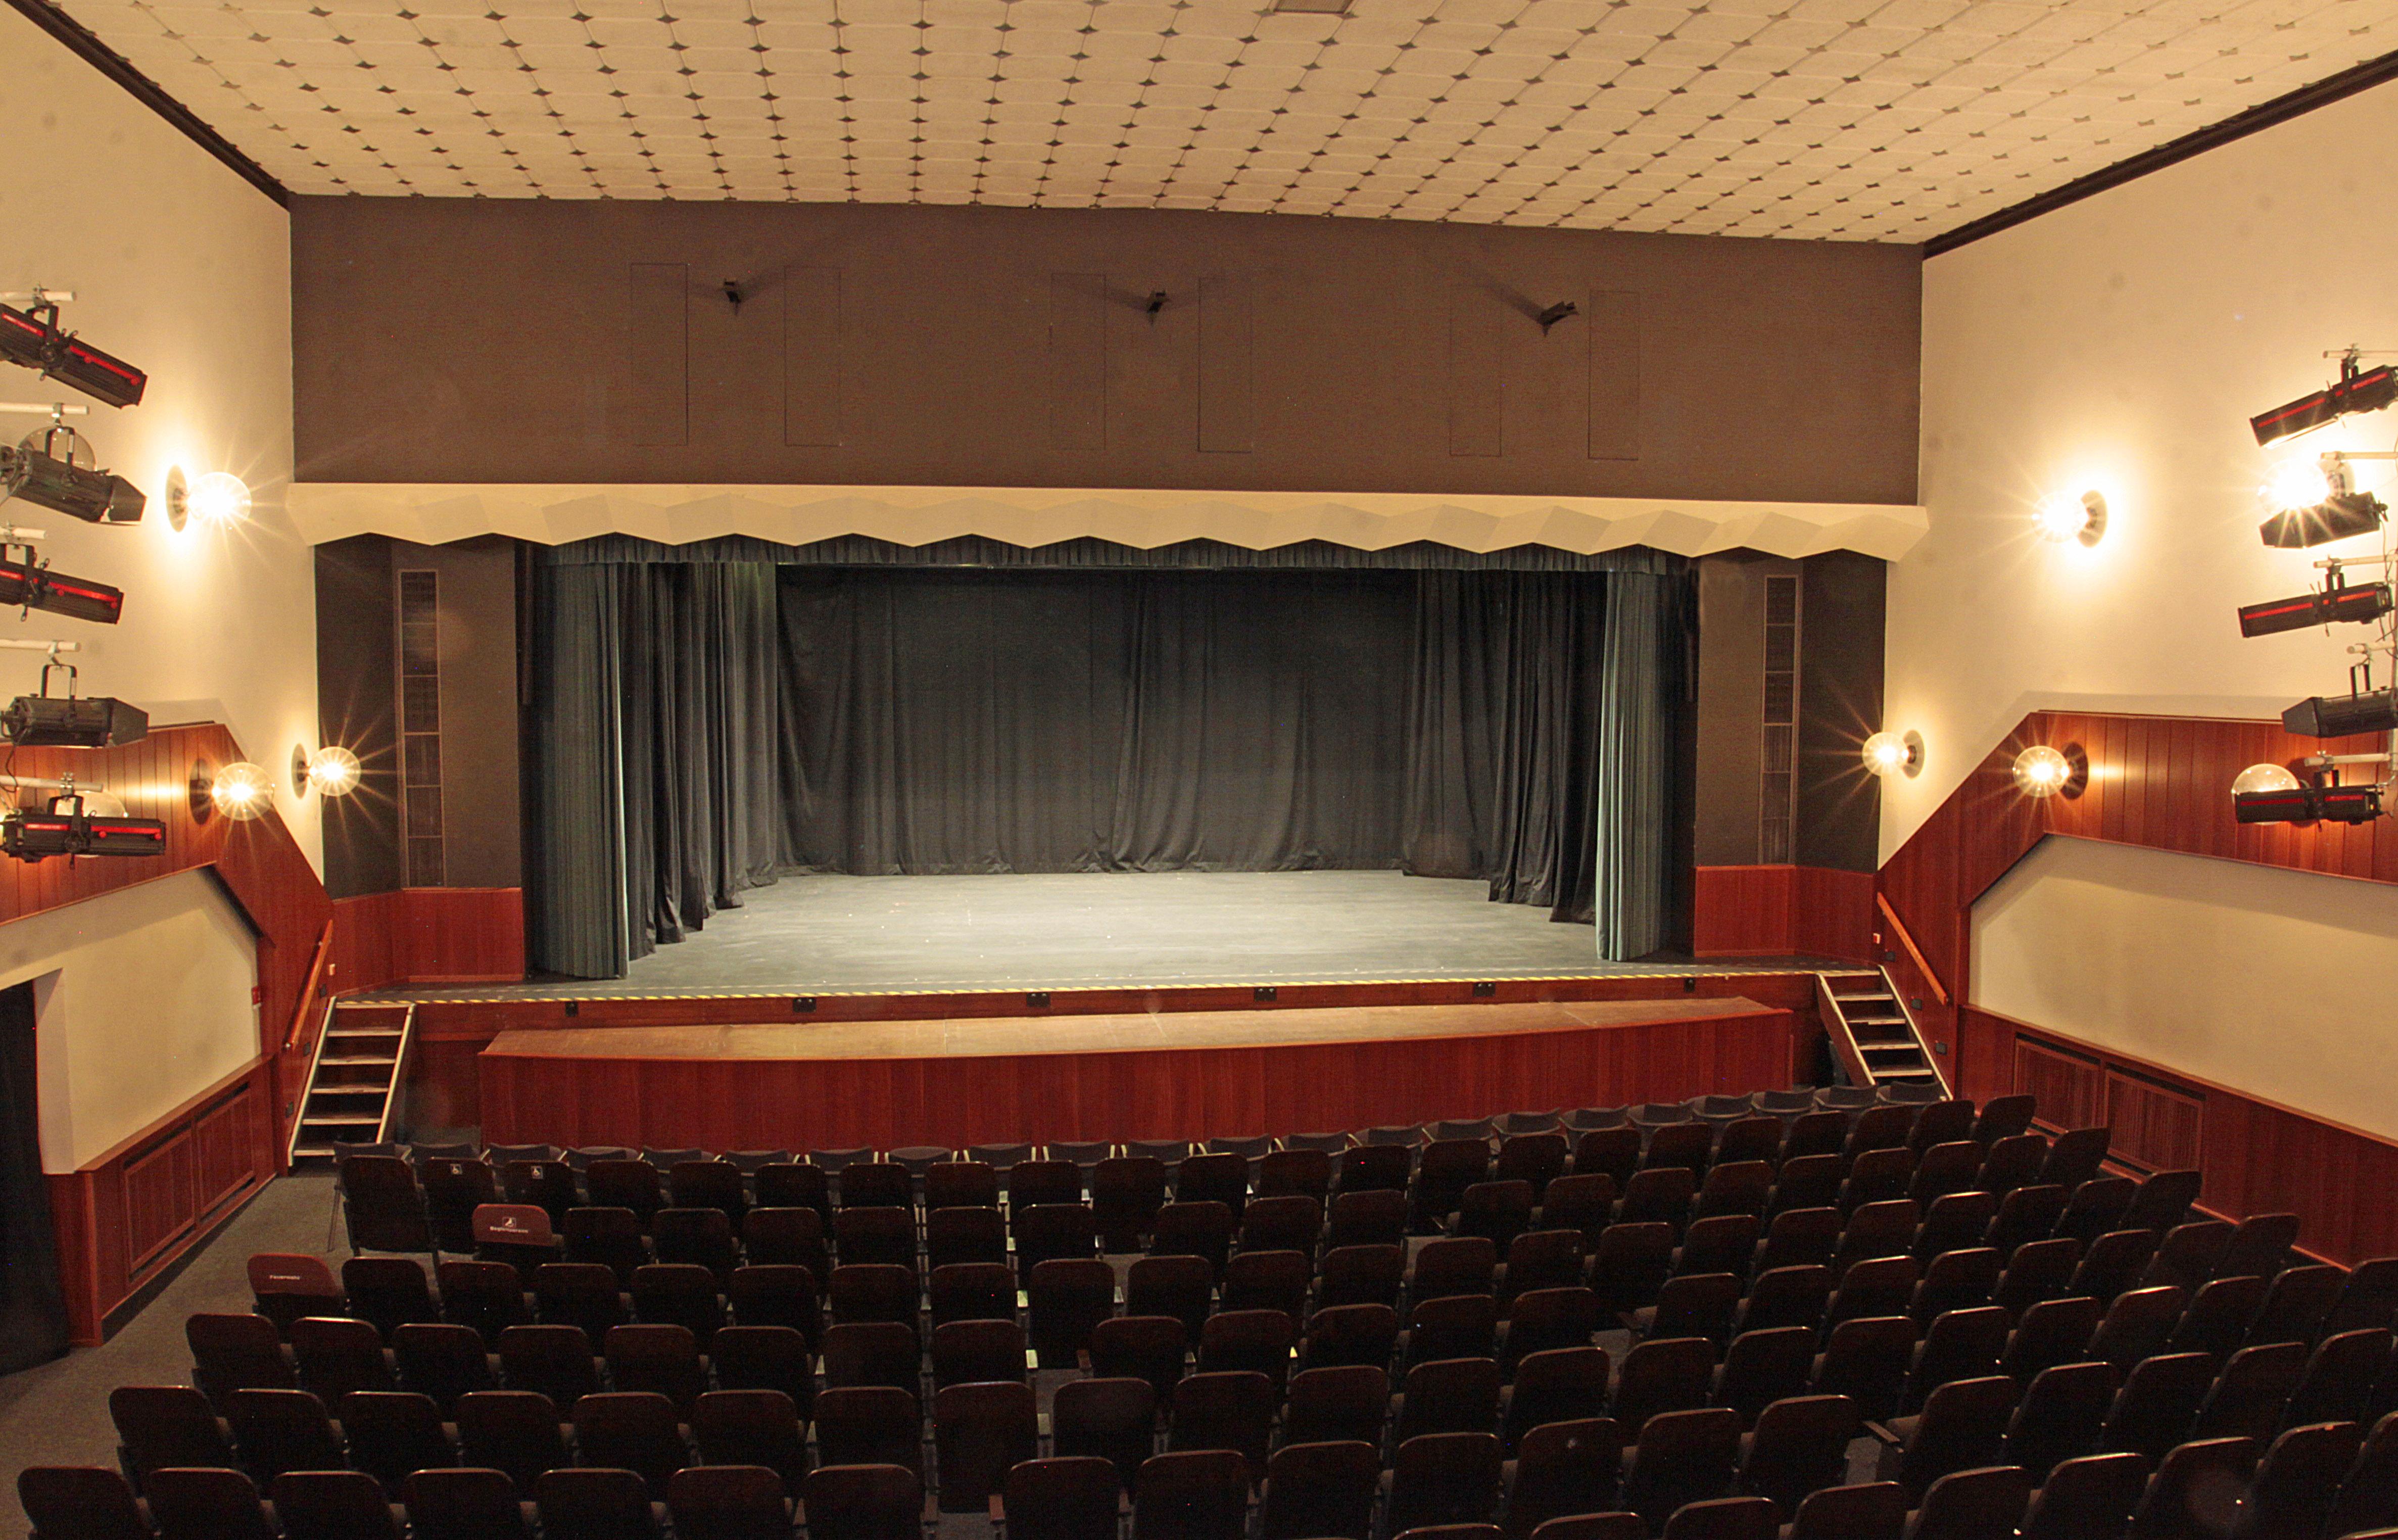 abe32c949astadttheater_-_3.jpg